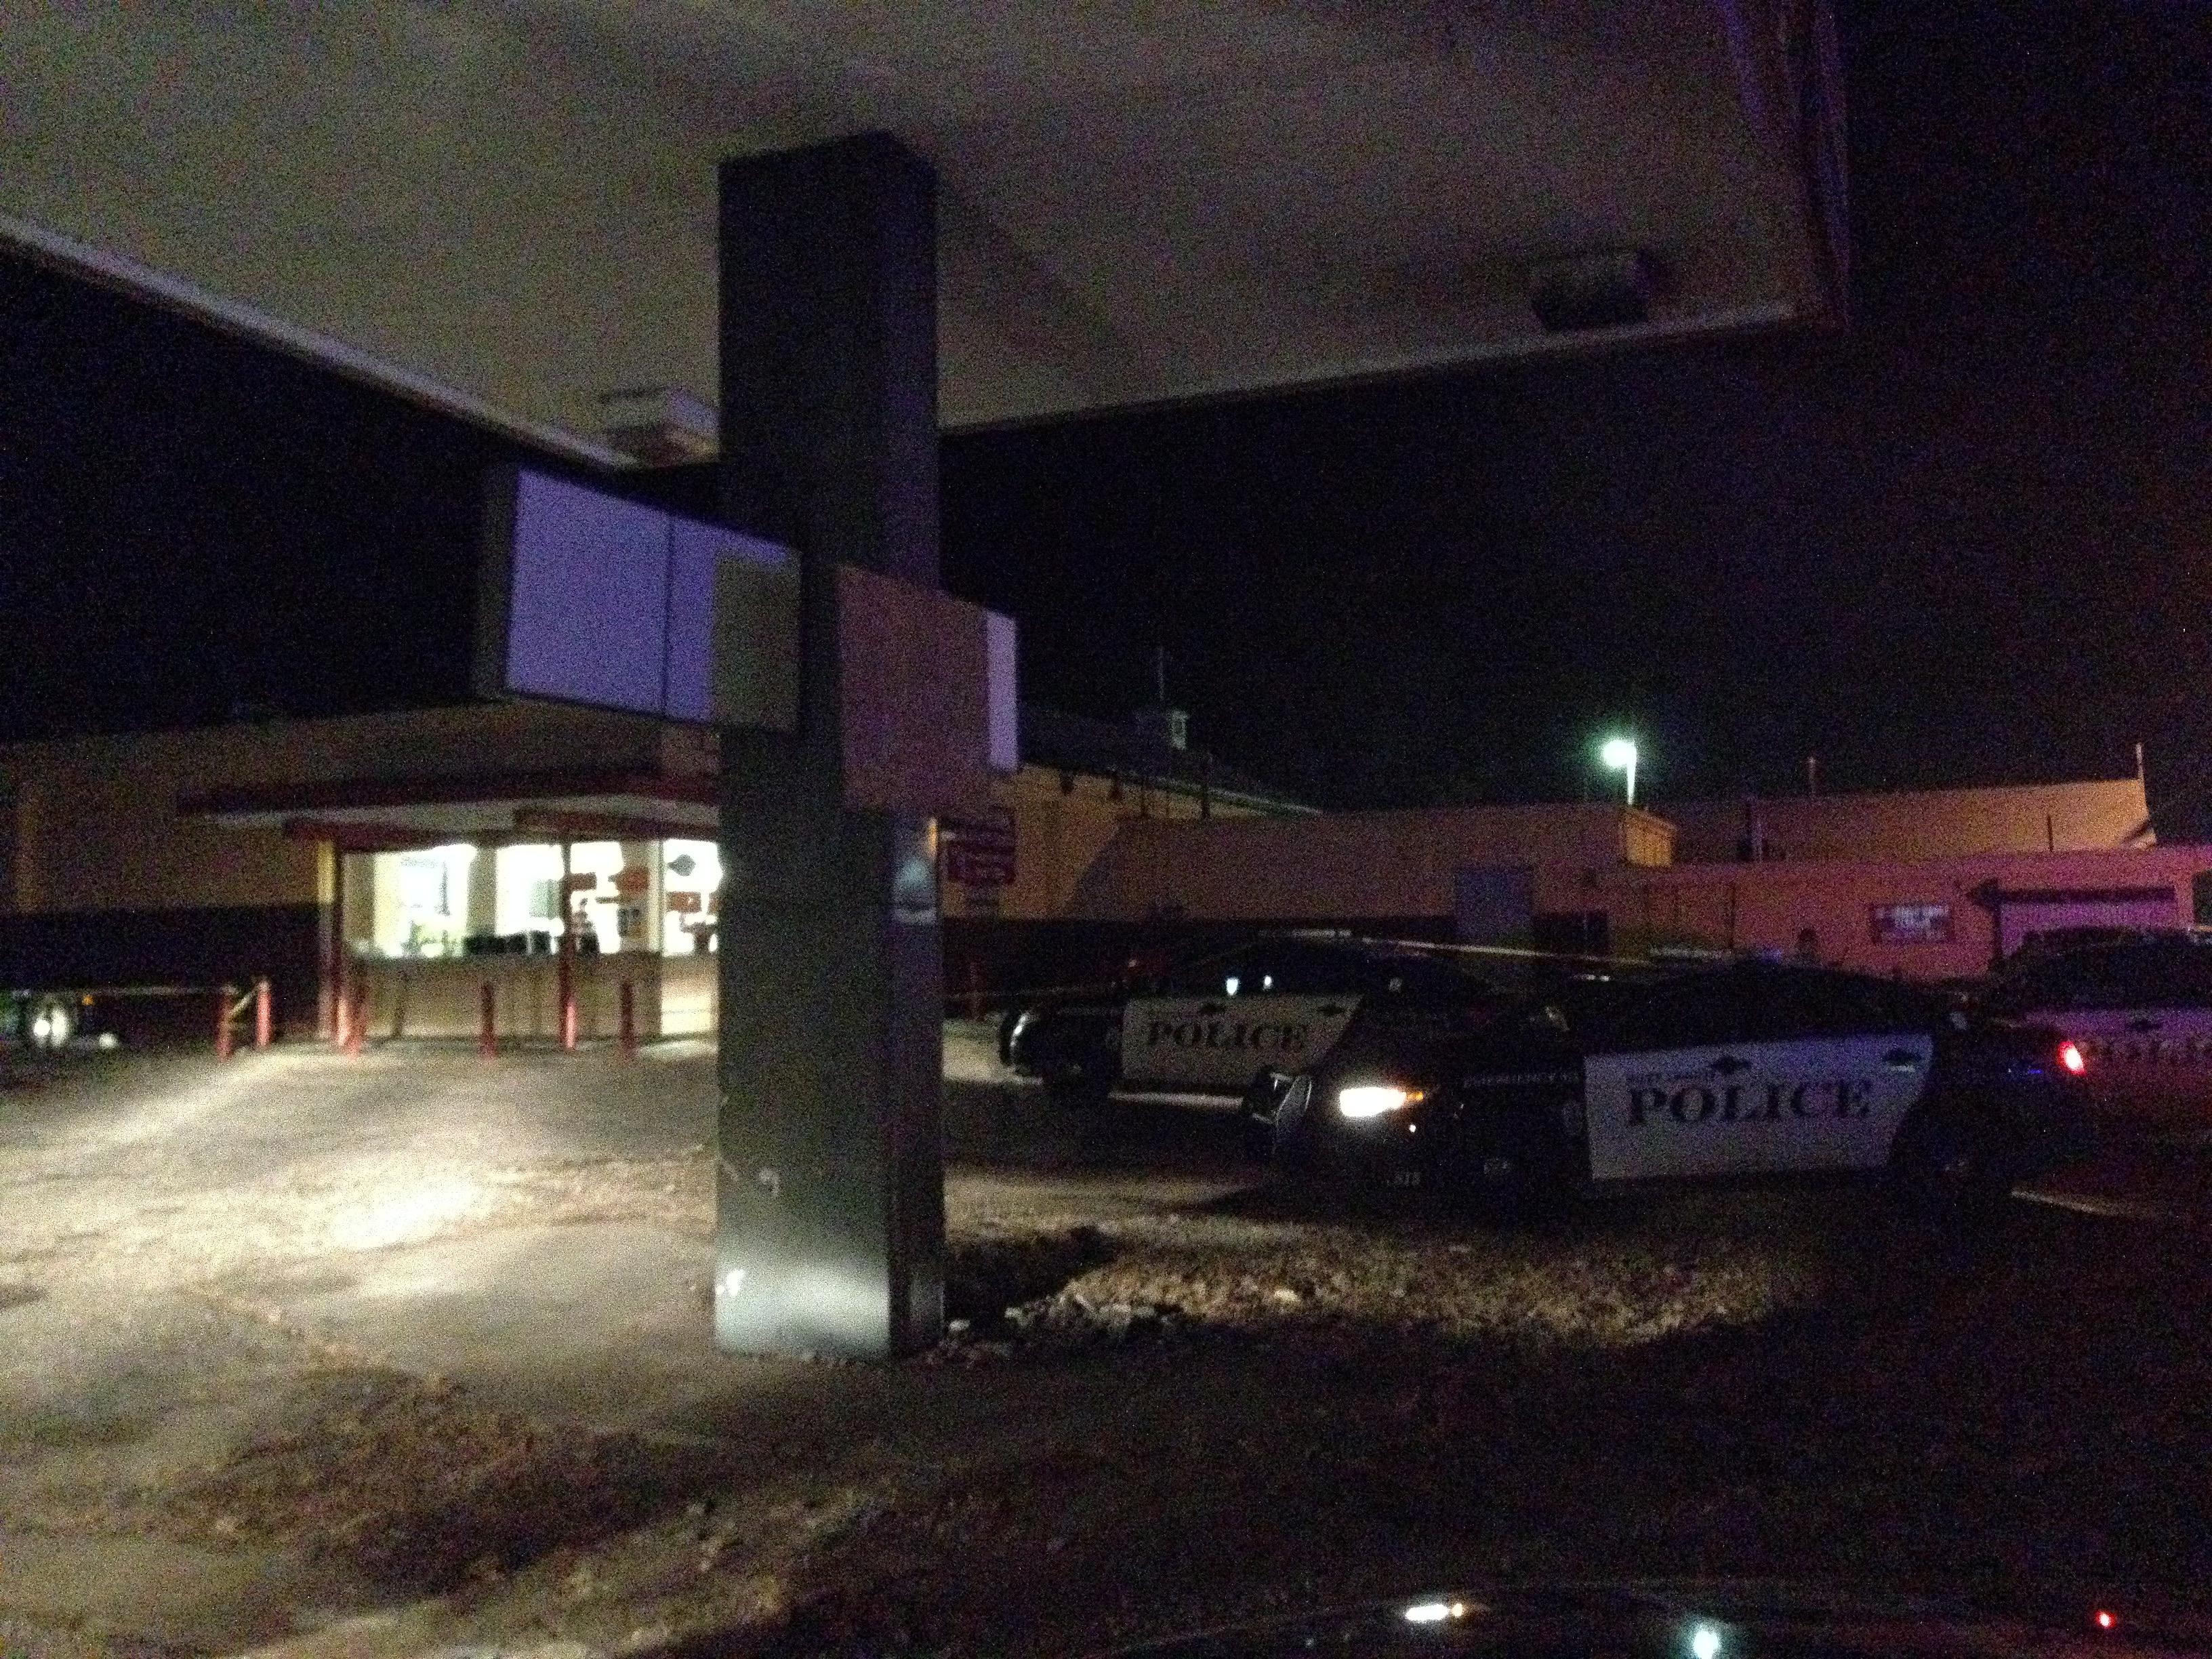 Death investigated at Ogden shooting range